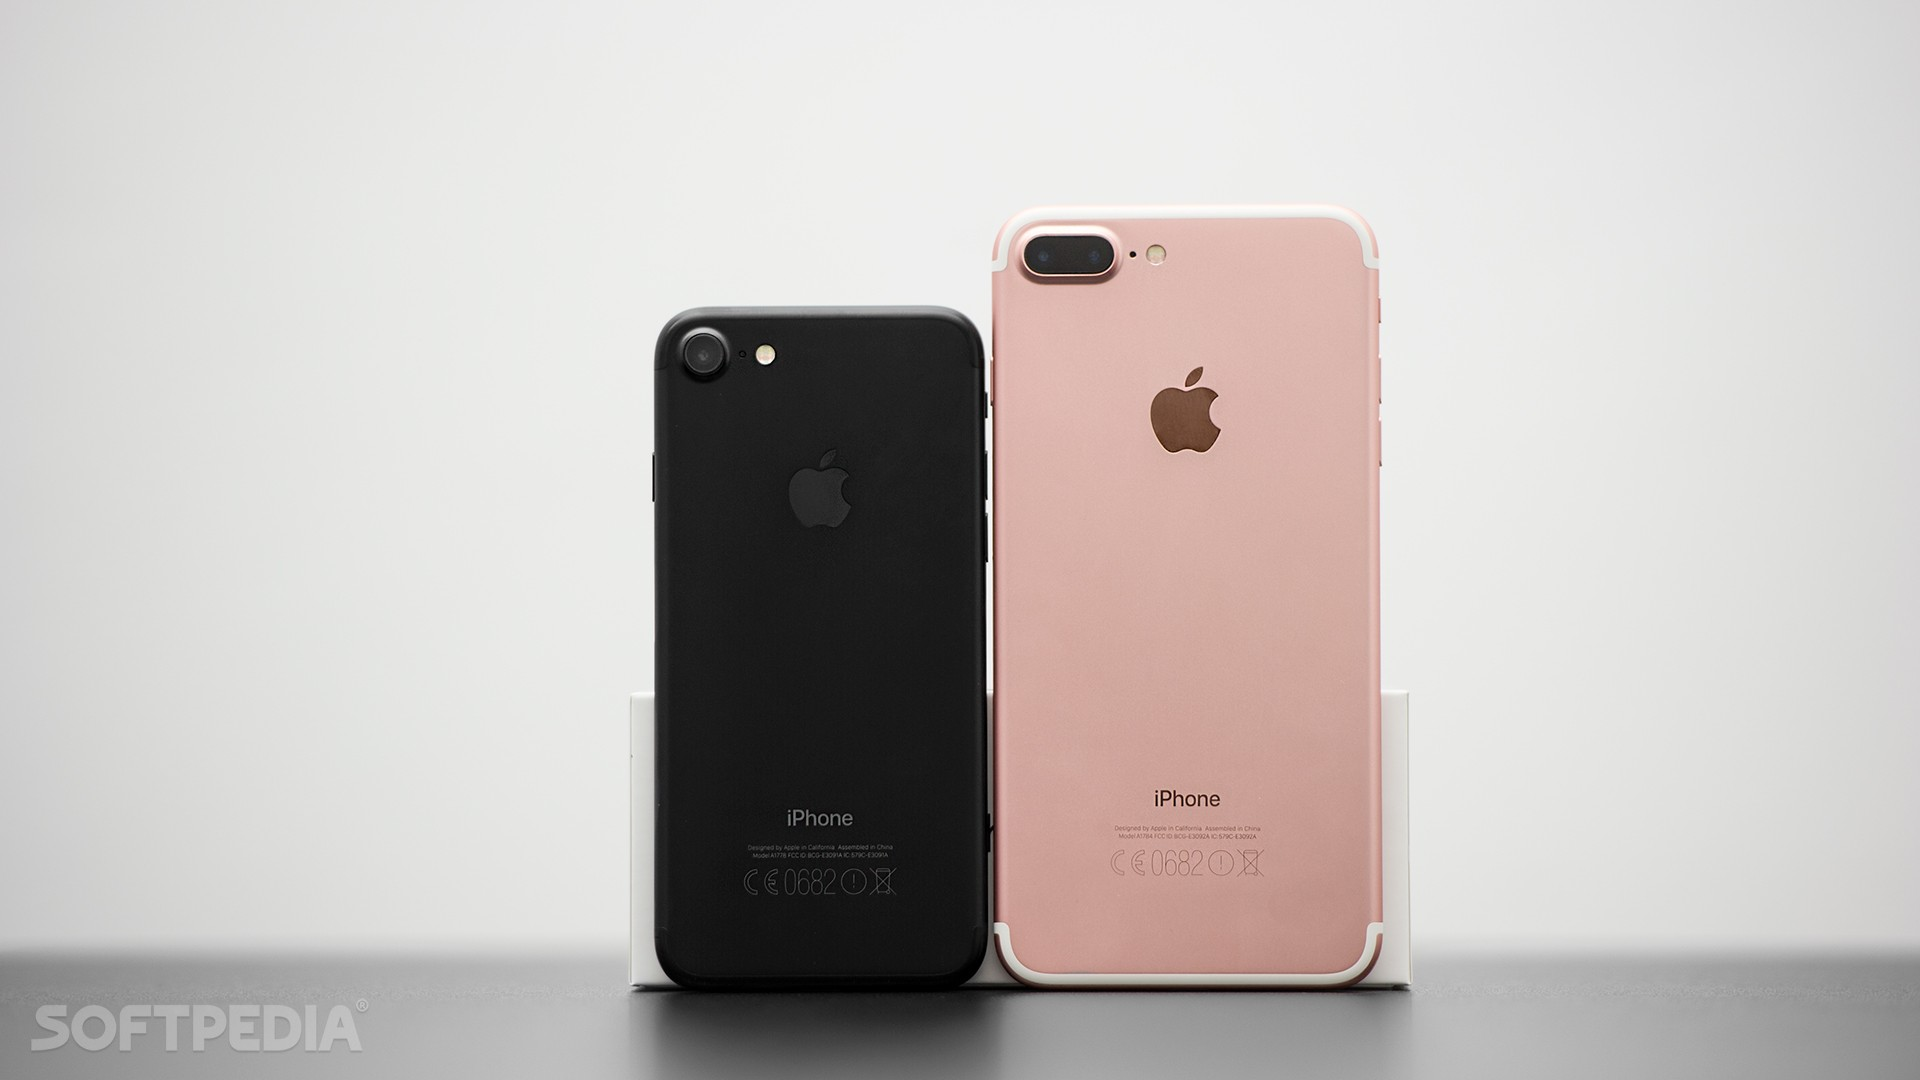 Спрос уже нетот: эксперты предвещают снижение объемов производства айфонов